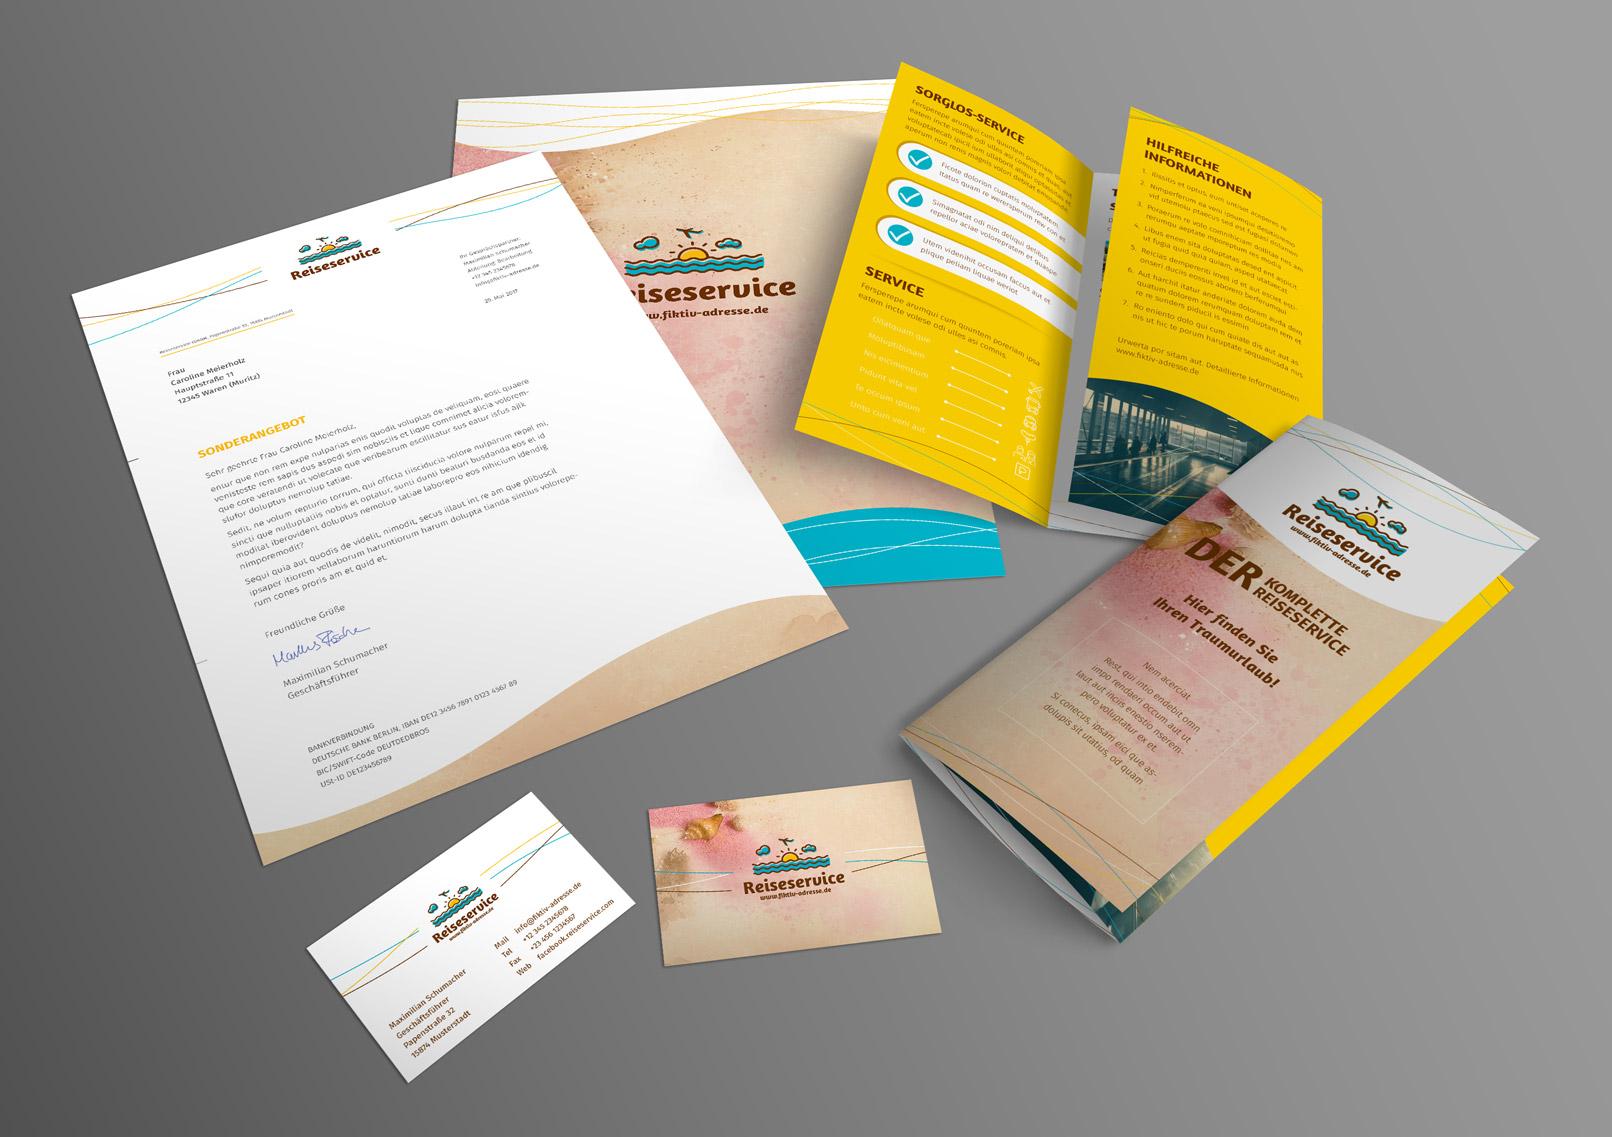 Vorlagen für Reisewerbung und Werbung für einen Urlaub. Thema Reiseservice. Unter anderem Reiseflyer, Visitenkarte.